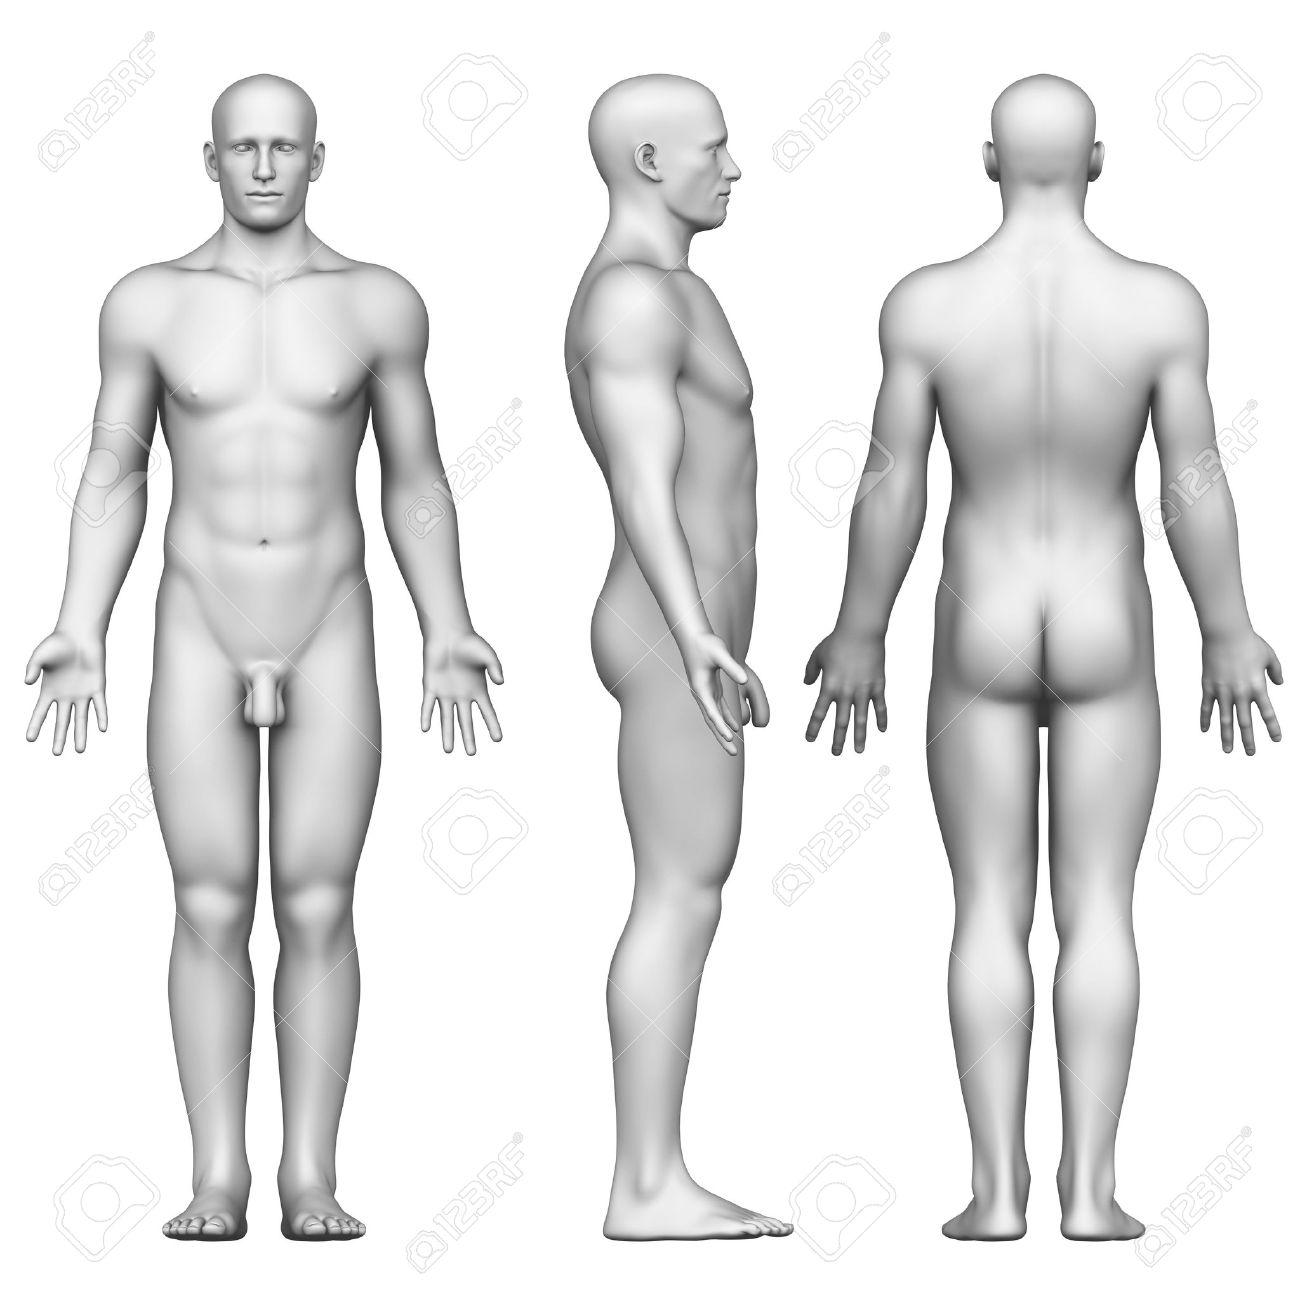 Figura Masculina En Posición Anatómica Posterior, Frontal, Vista ...